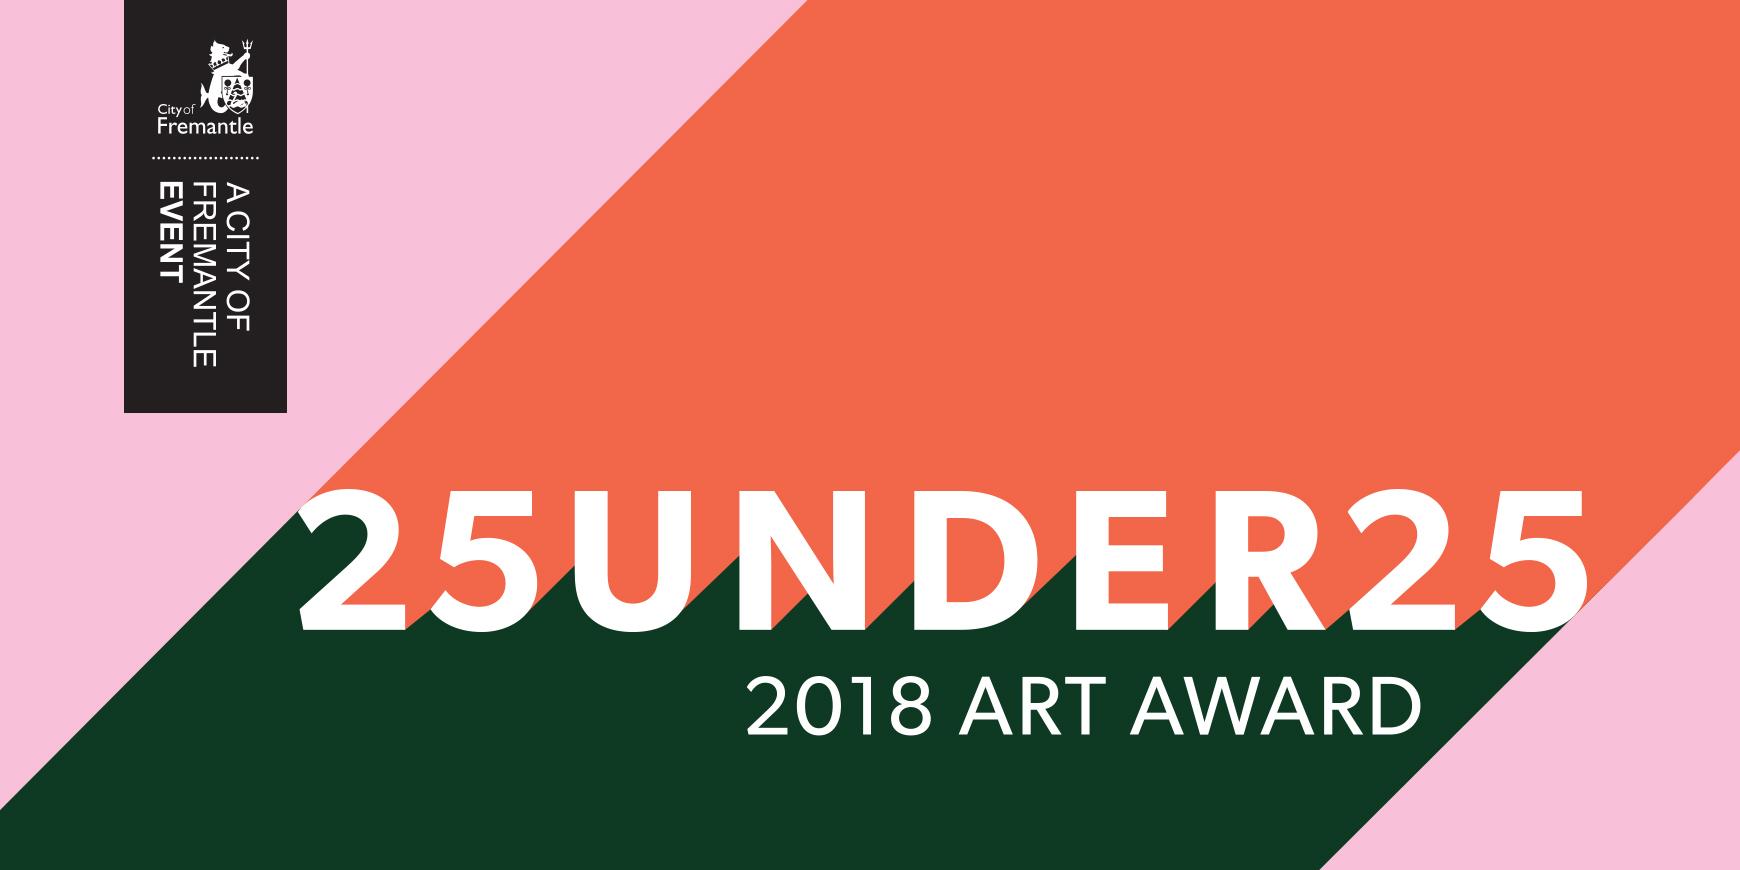 25 under 25 2018 Art Award